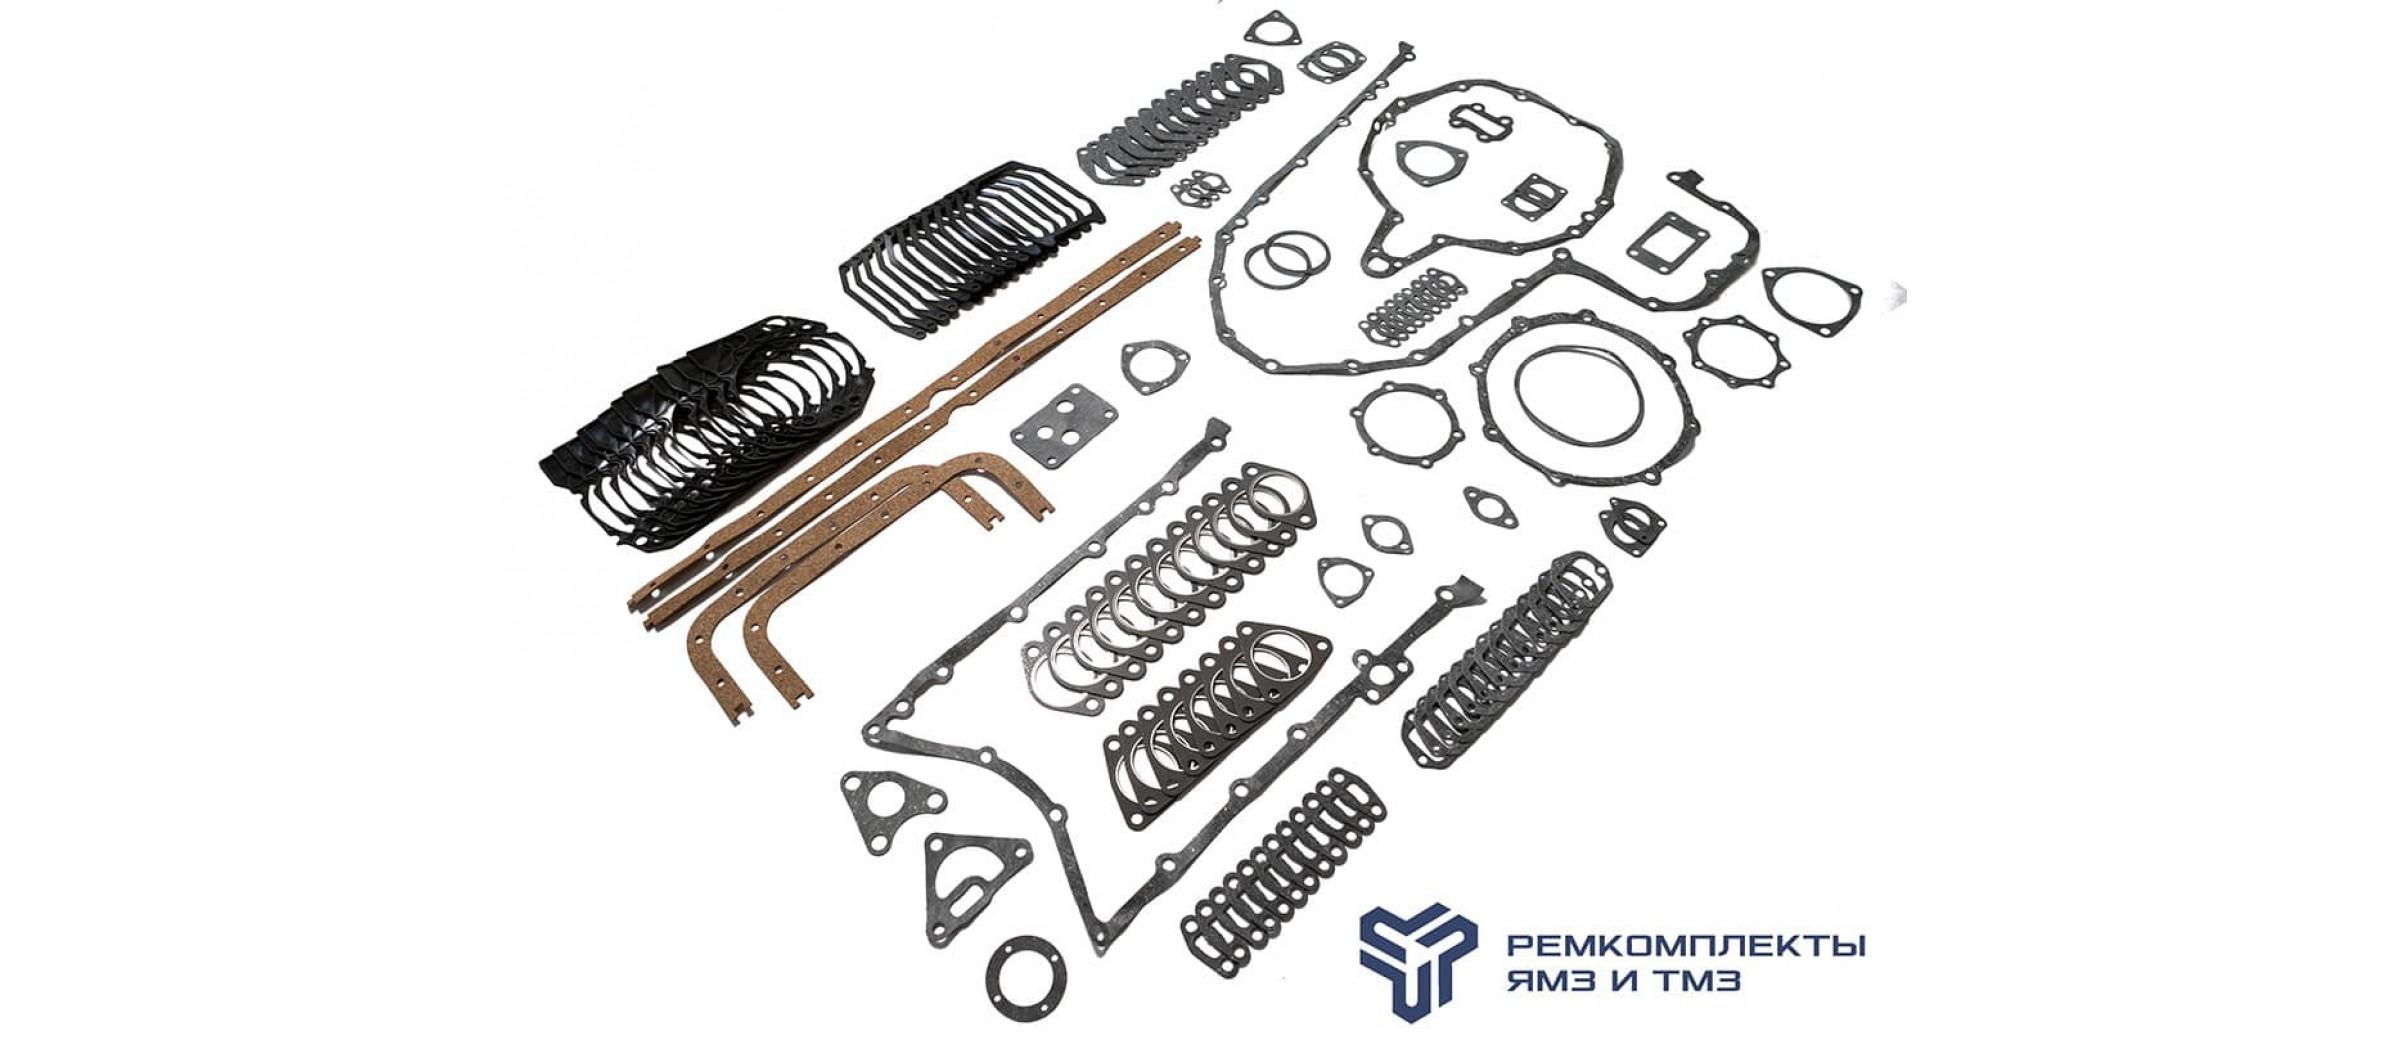 Комплект прокладок двиг. ЯМЗ-240 С РАЗД. ГБЦ (ПОЛНЫЙ)